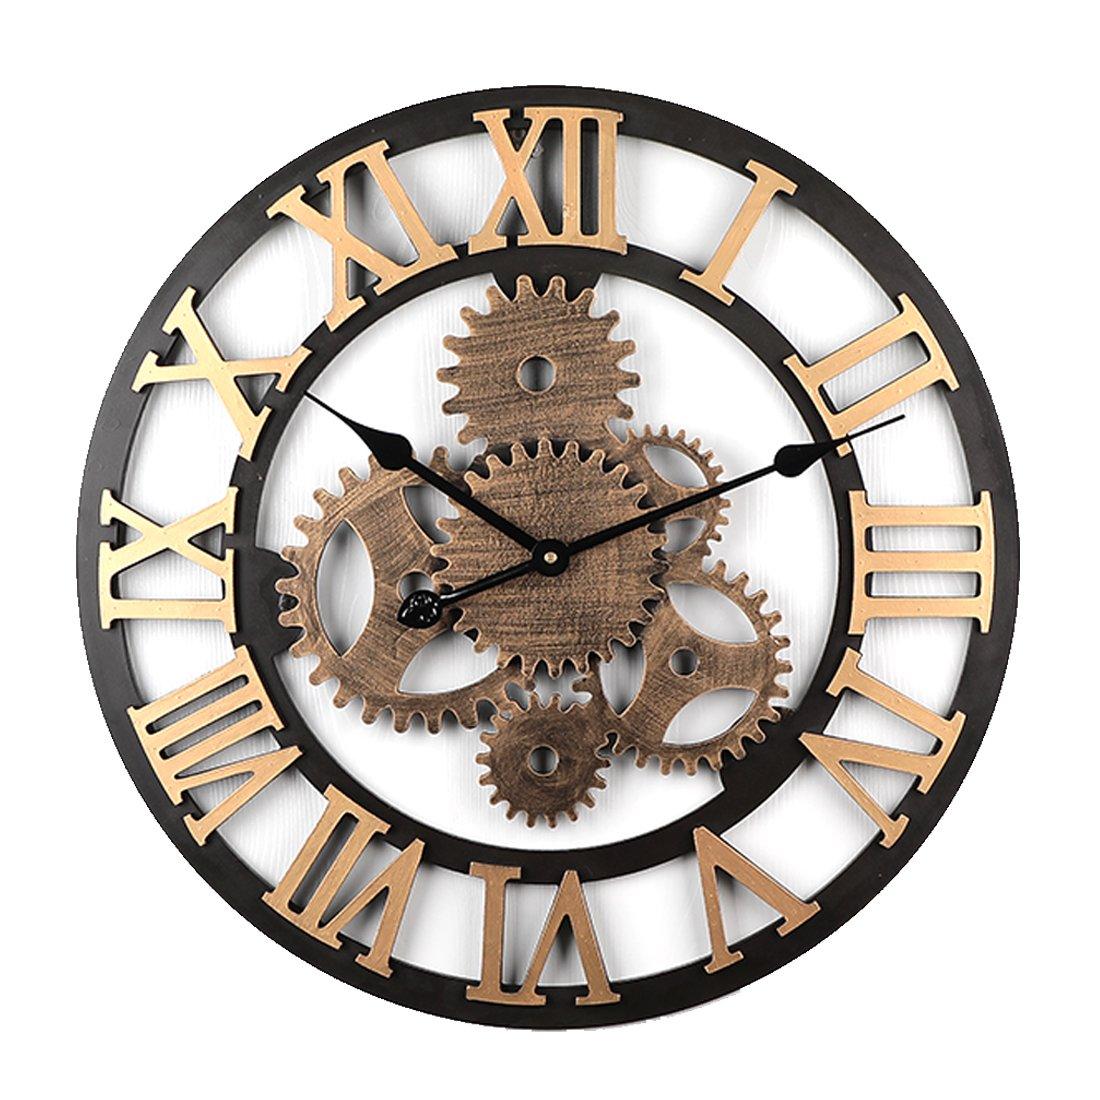 TENGER Retro Uhr Große Wohnzimmer Wanduhr XXL Vintage Lautlos Uhr 3D Dekorative Zahnrad mit Römischen Ziffern für Wohnzimmer, Schlafzimmer, Kinderzimmer, Büro, Cafeteria und Restaurant,Ø 58cm